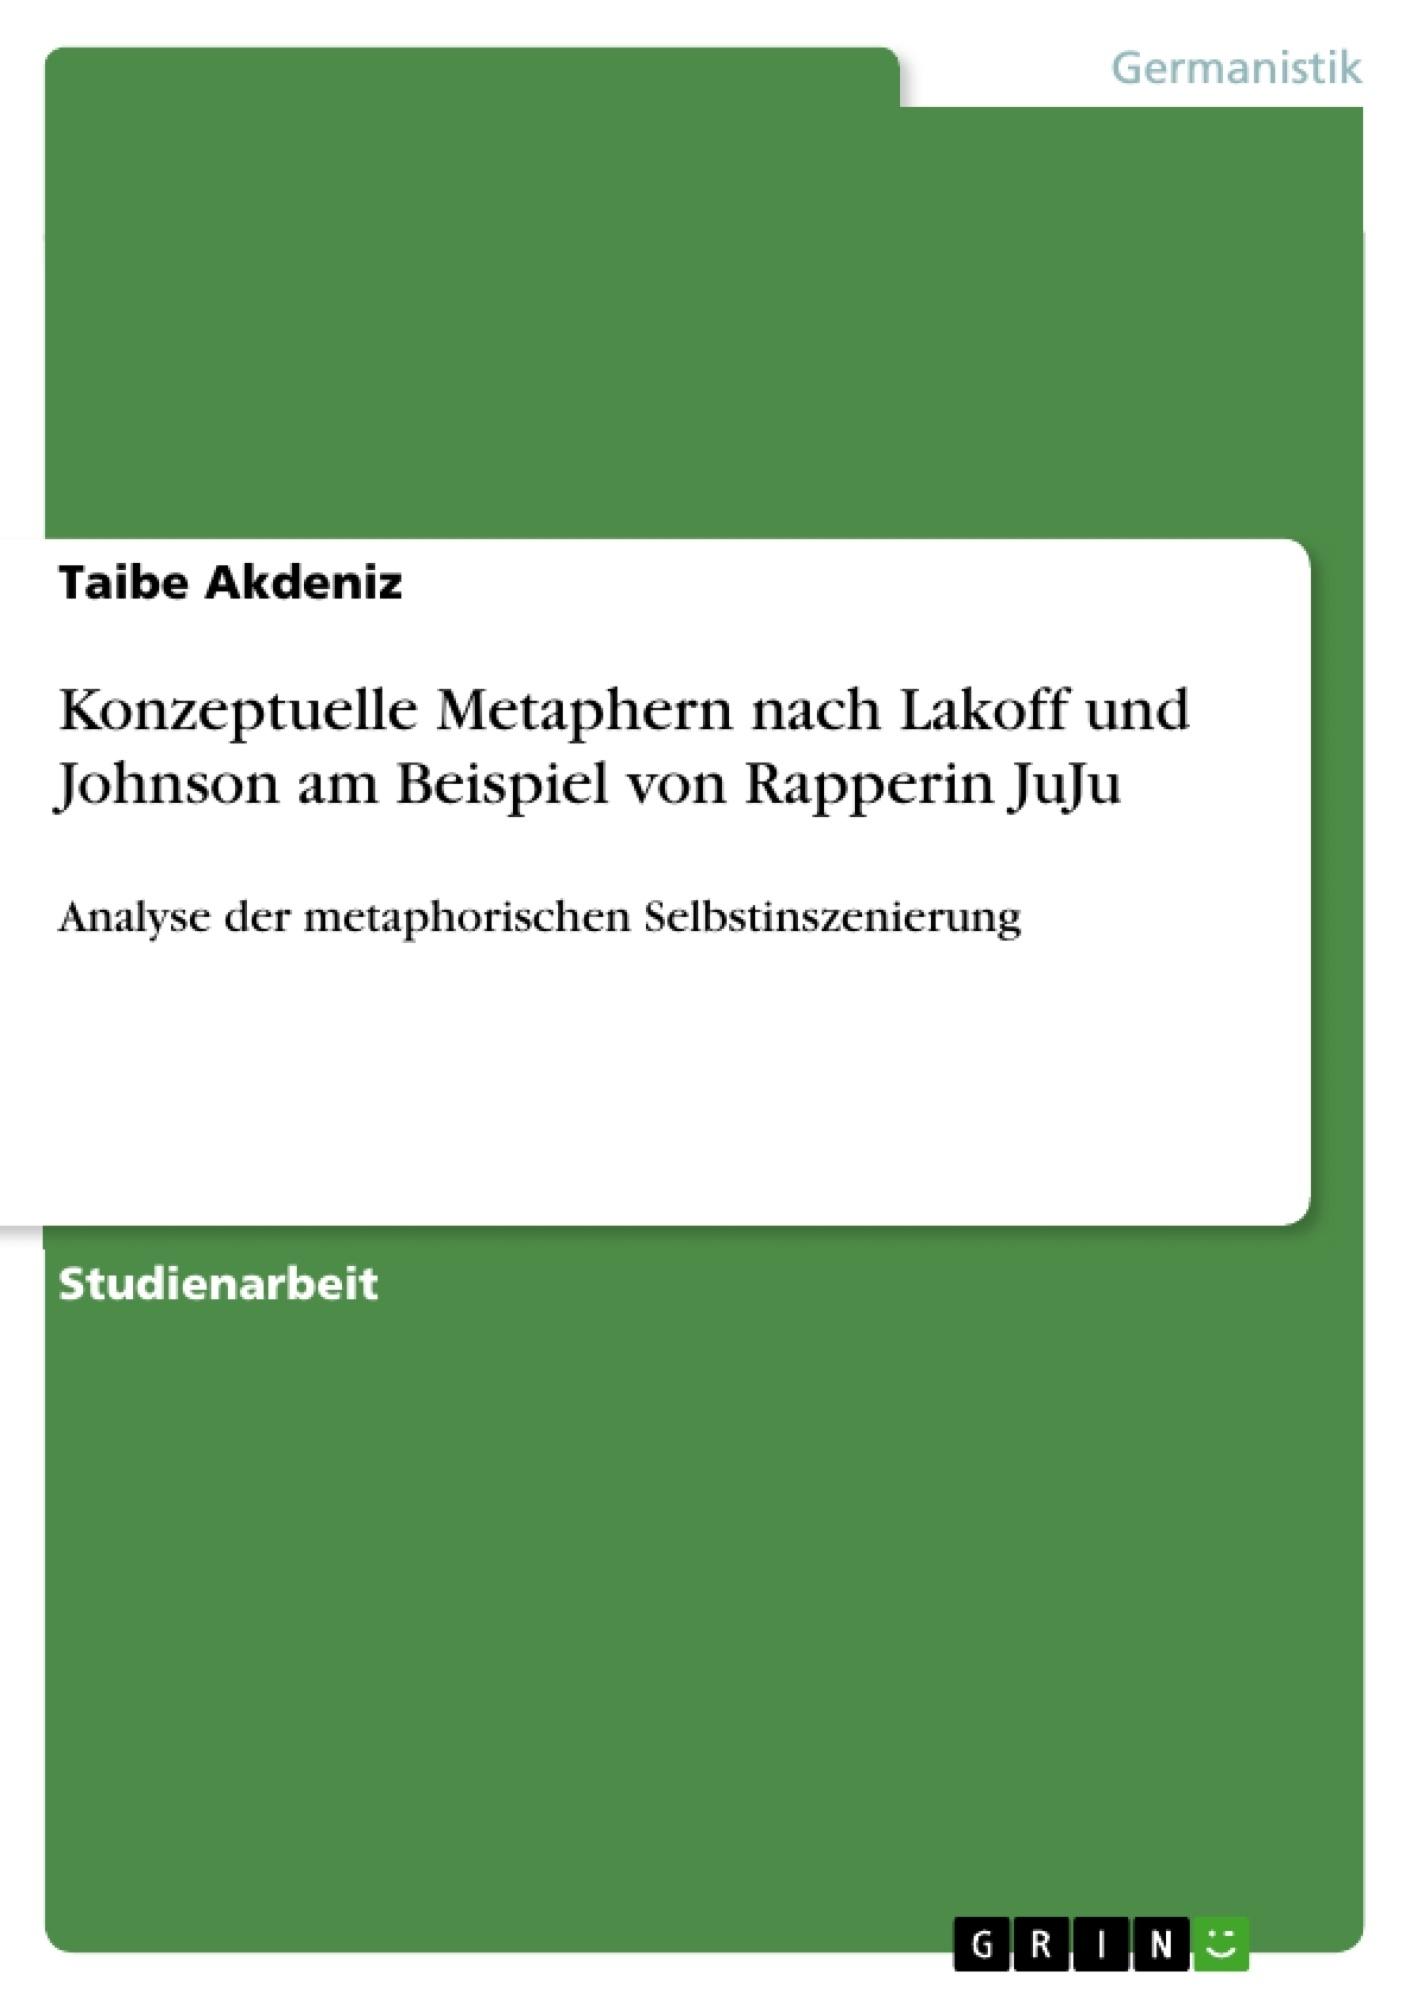 Titel: Konzeptuelle Metaphern nach Lakoff und Johnson am Beispiel von Rapperin JuJu